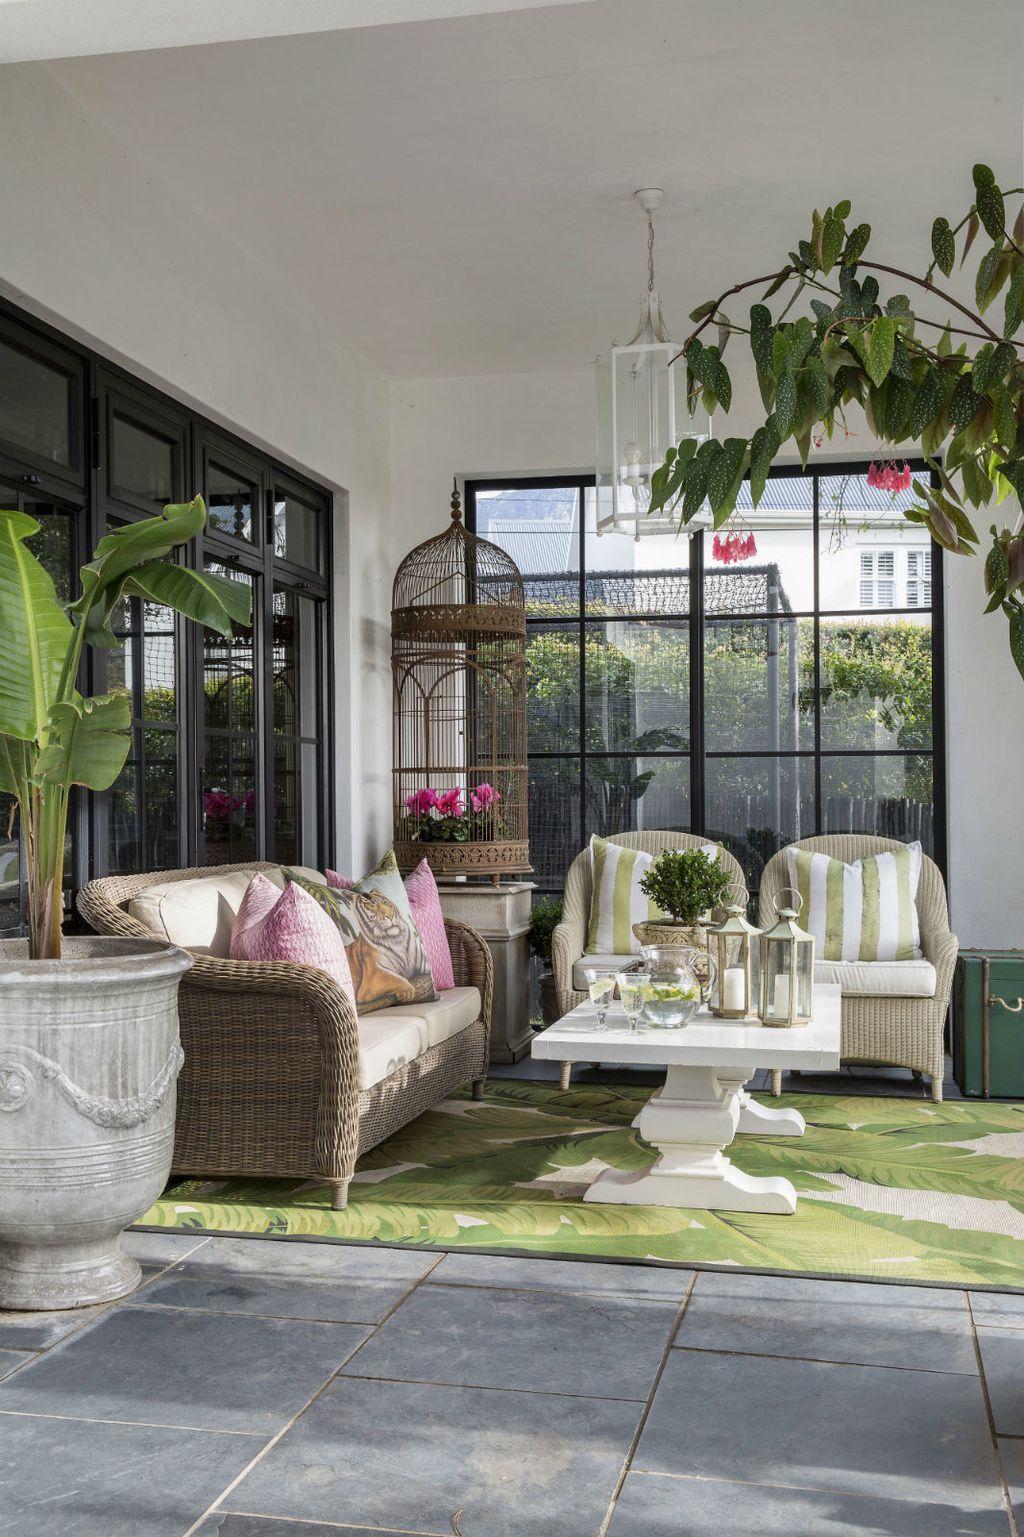 Terase i balkoni stvoreni za ljetnu uživanciju - 11